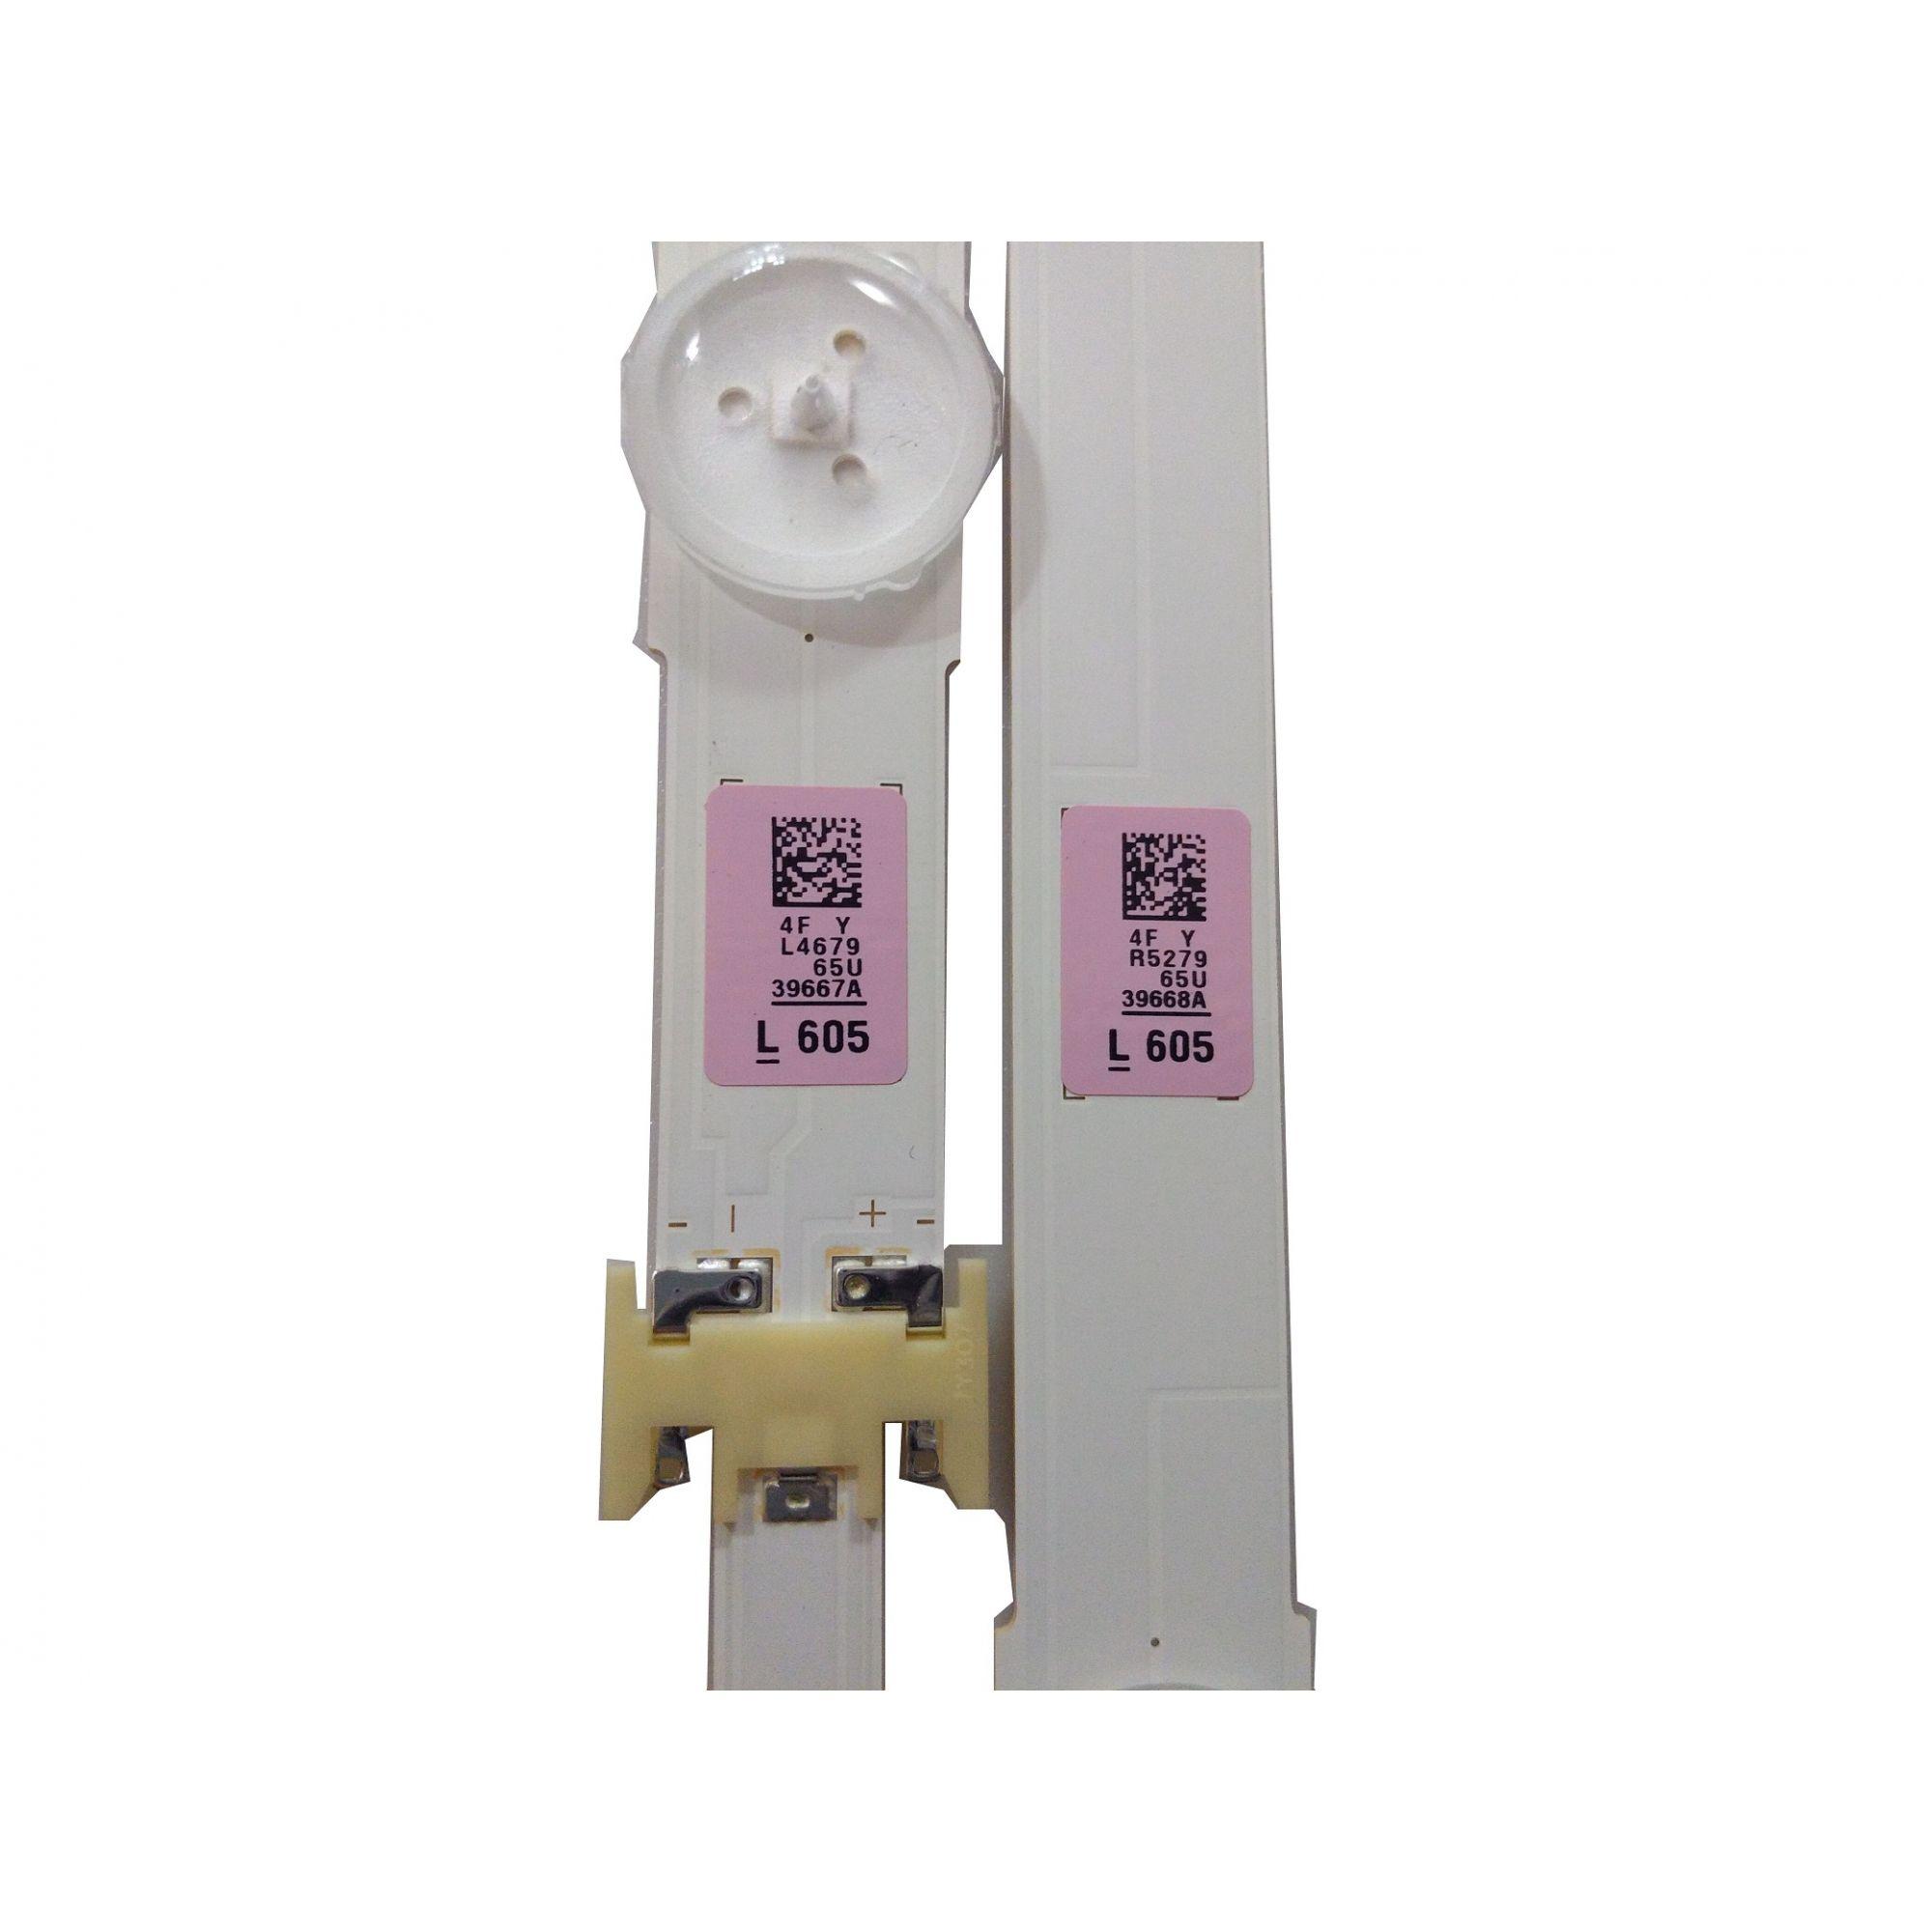 KIT BARRA DE LED SAMSUNG UN65MU6100G 39667A + 39668A